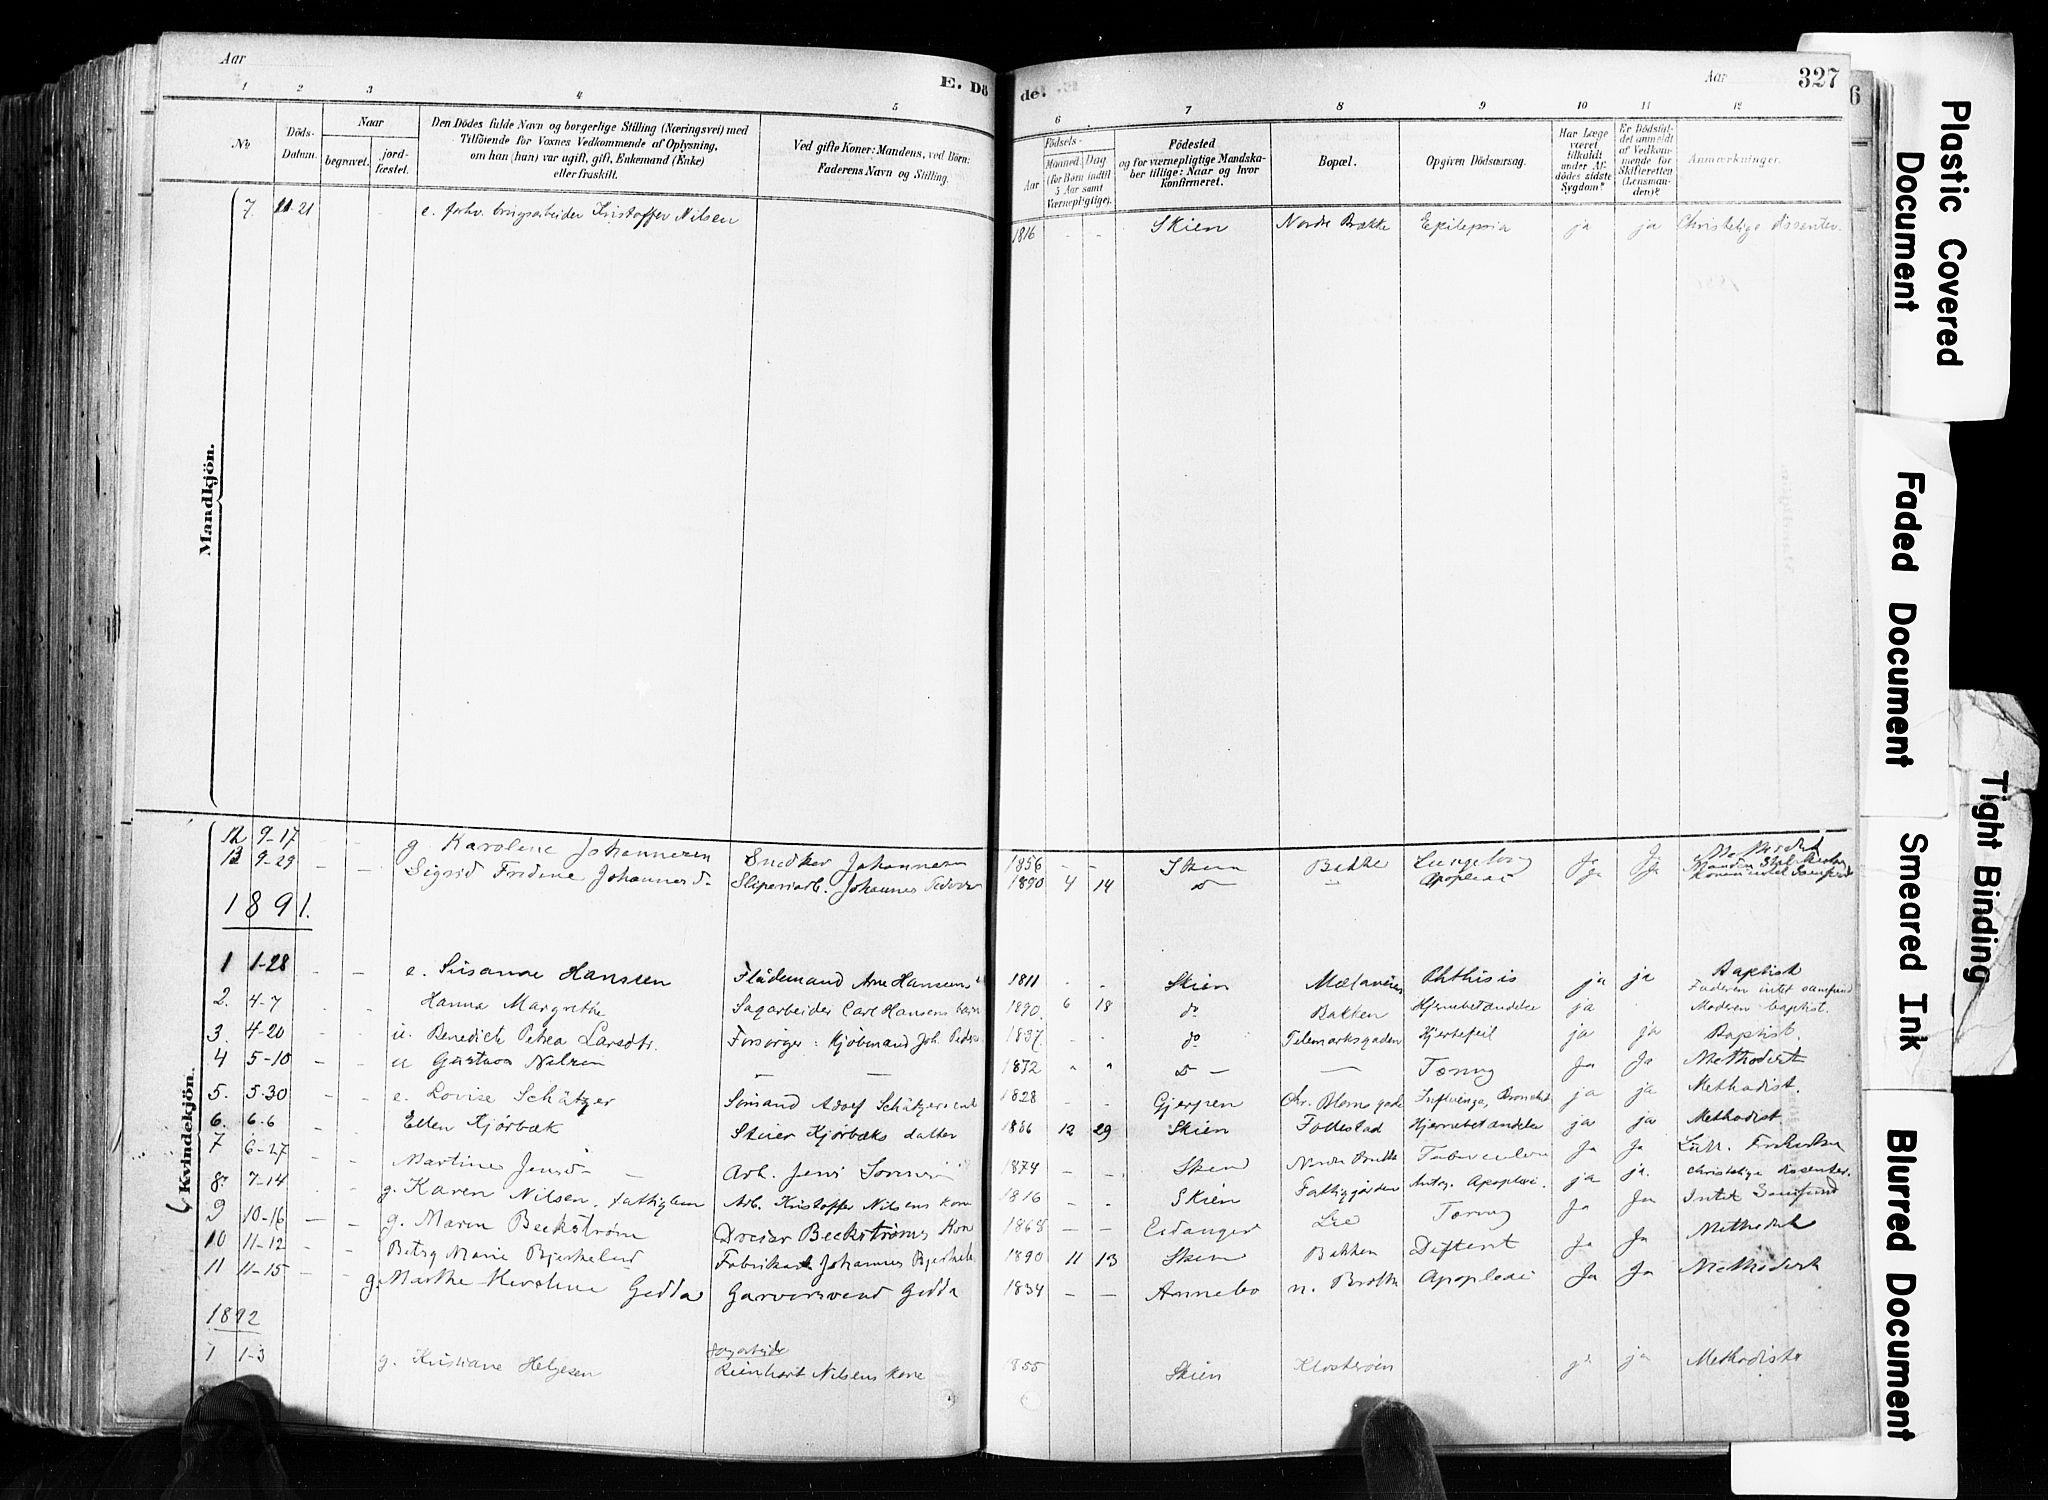 SAKO, Skien kirkebøker, F/Fa/L0009: Ministerialbok nr. 9, 1878-1890, s. 327